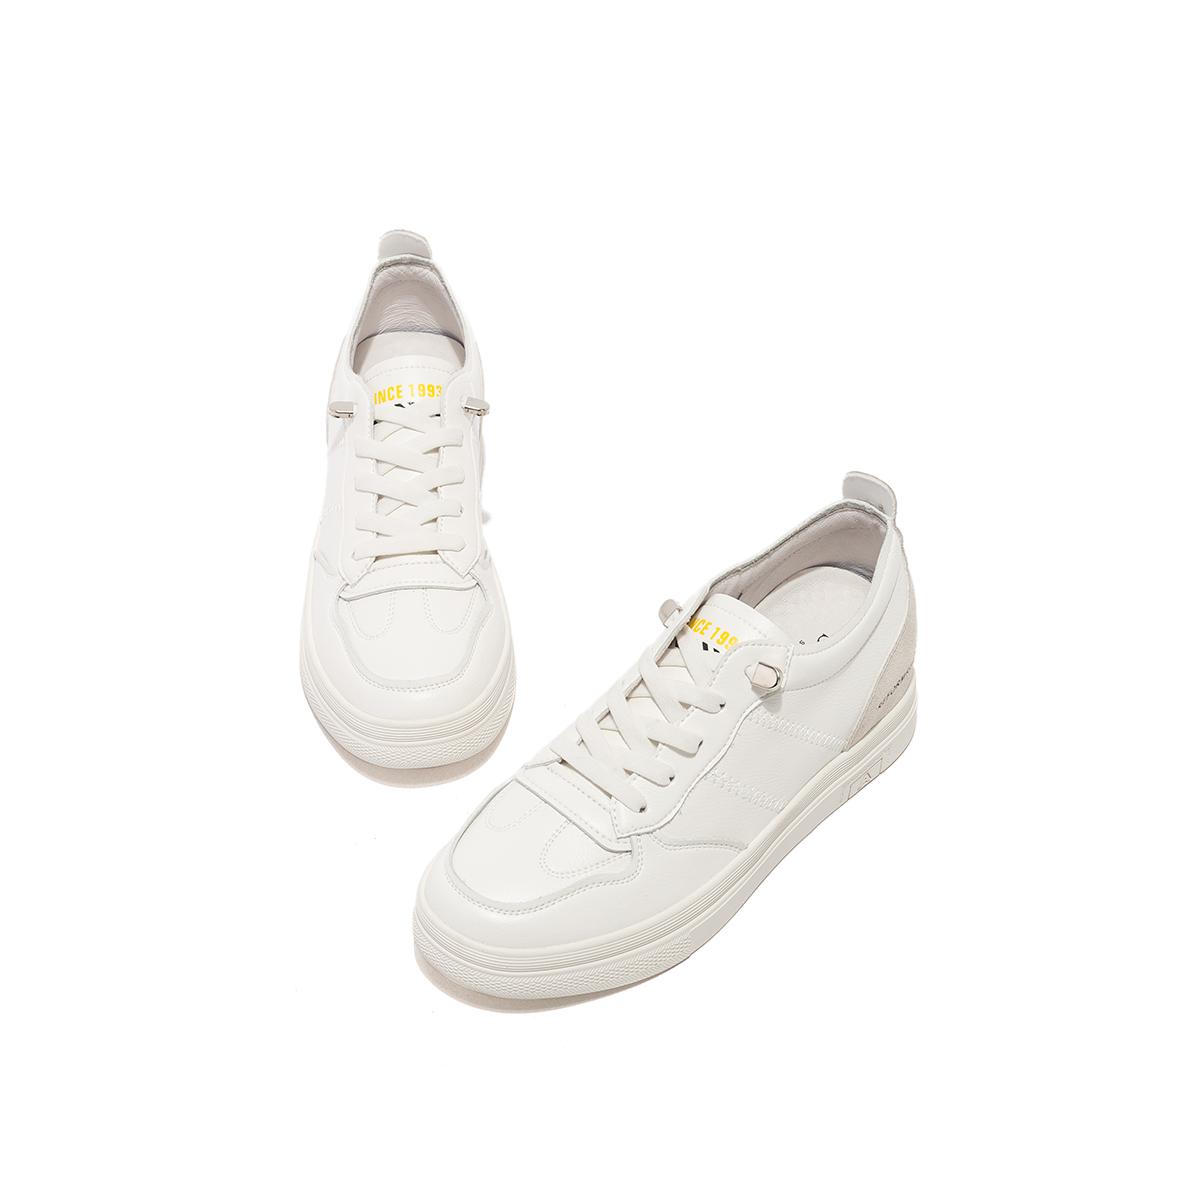 SS01112370 秋季新款圆头拼色休闲板鞋商场同款小白鞋 2020 星期六